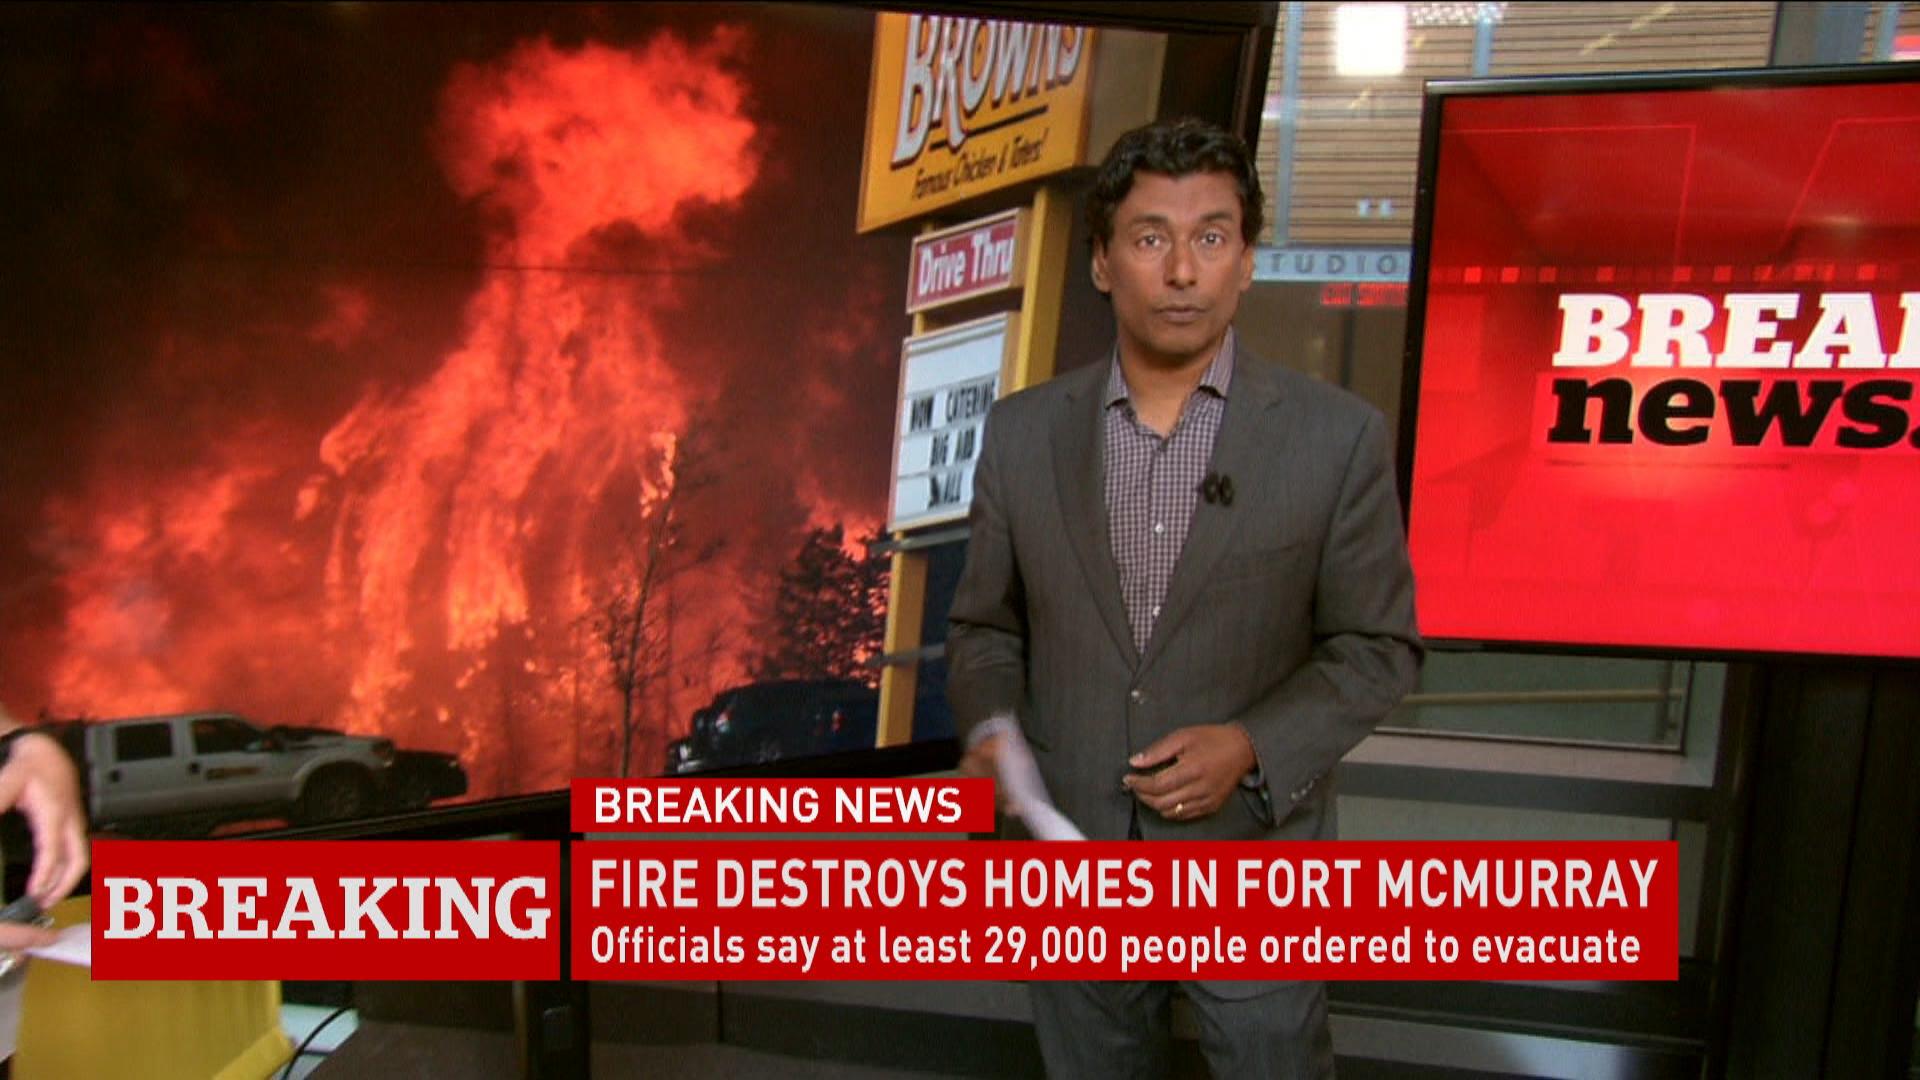 CBC News - Canada